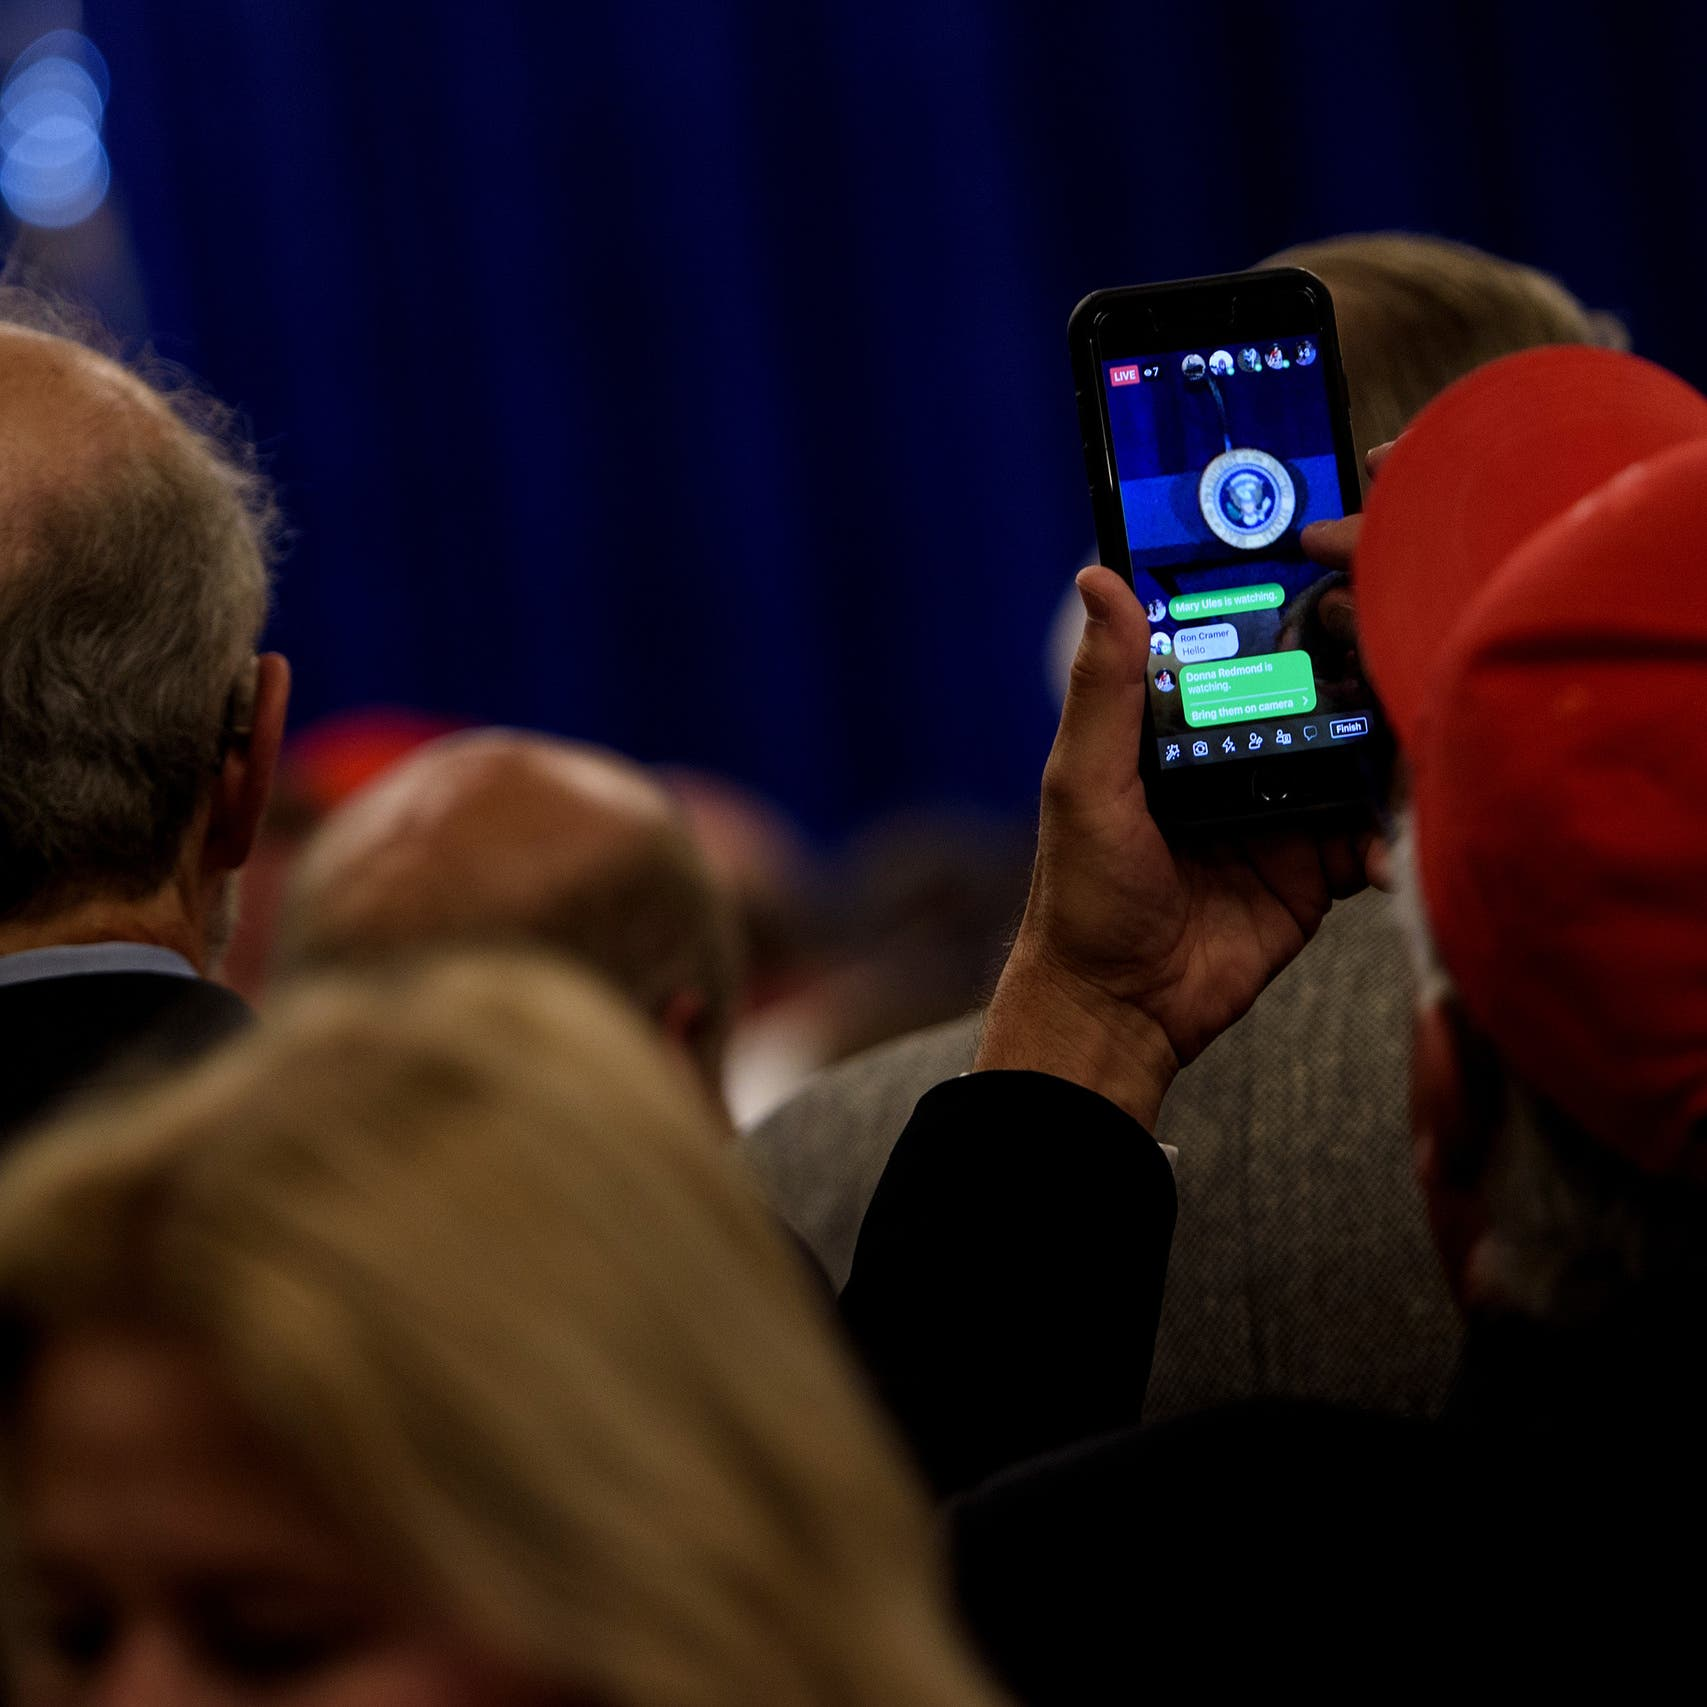 معركة ترمب وفيسبوك لم تنته.. قرار منتظر من لجنة الرقابة